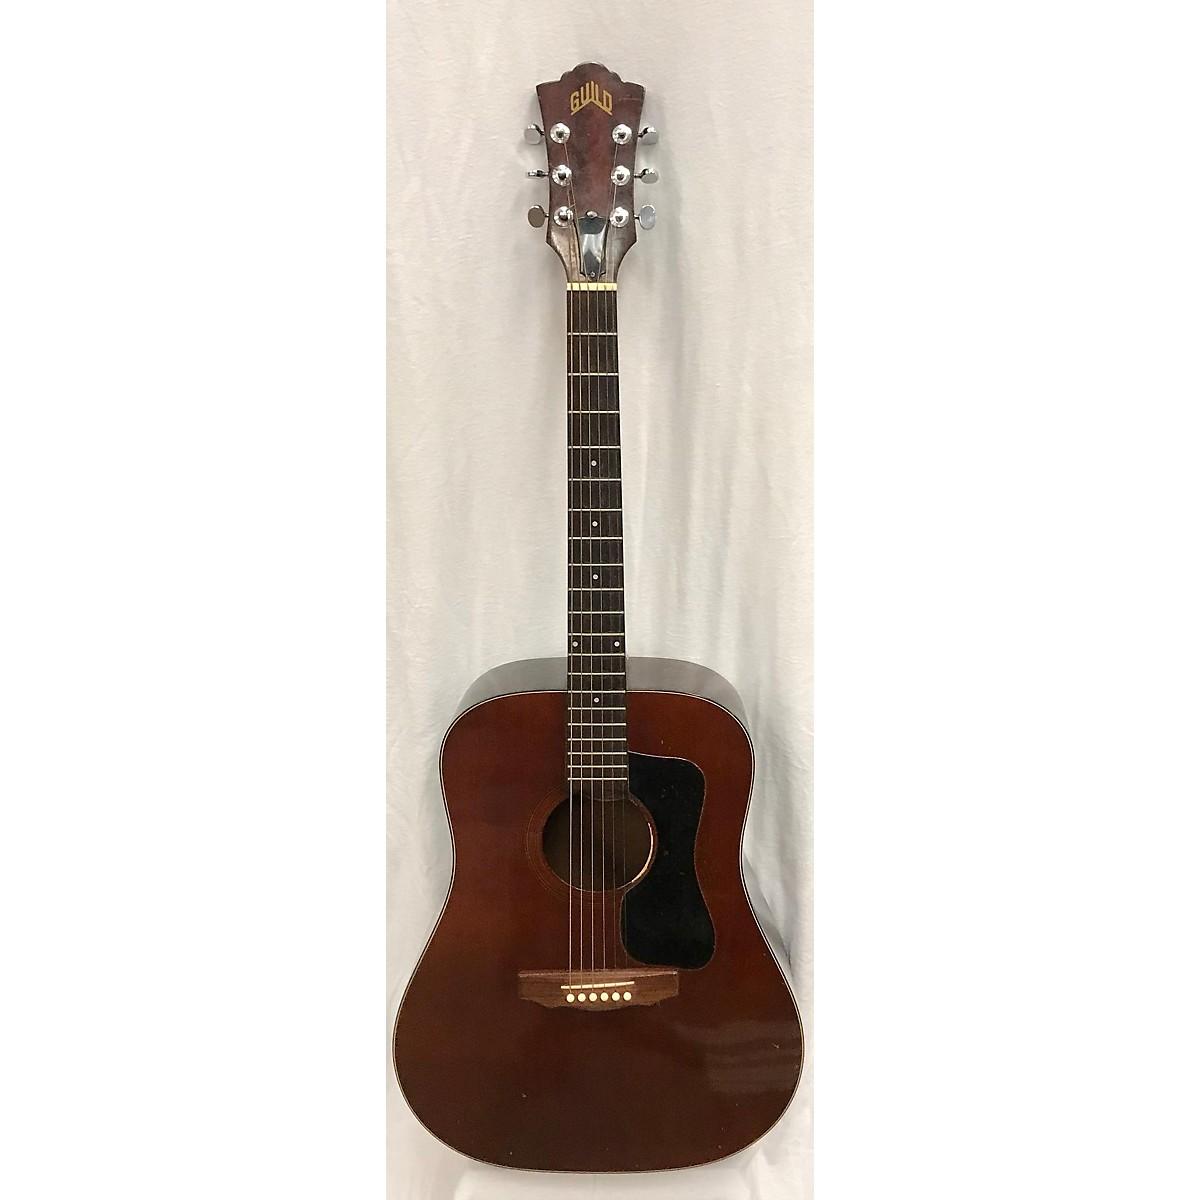 Guild 1979 D25m Acoustic Guitar